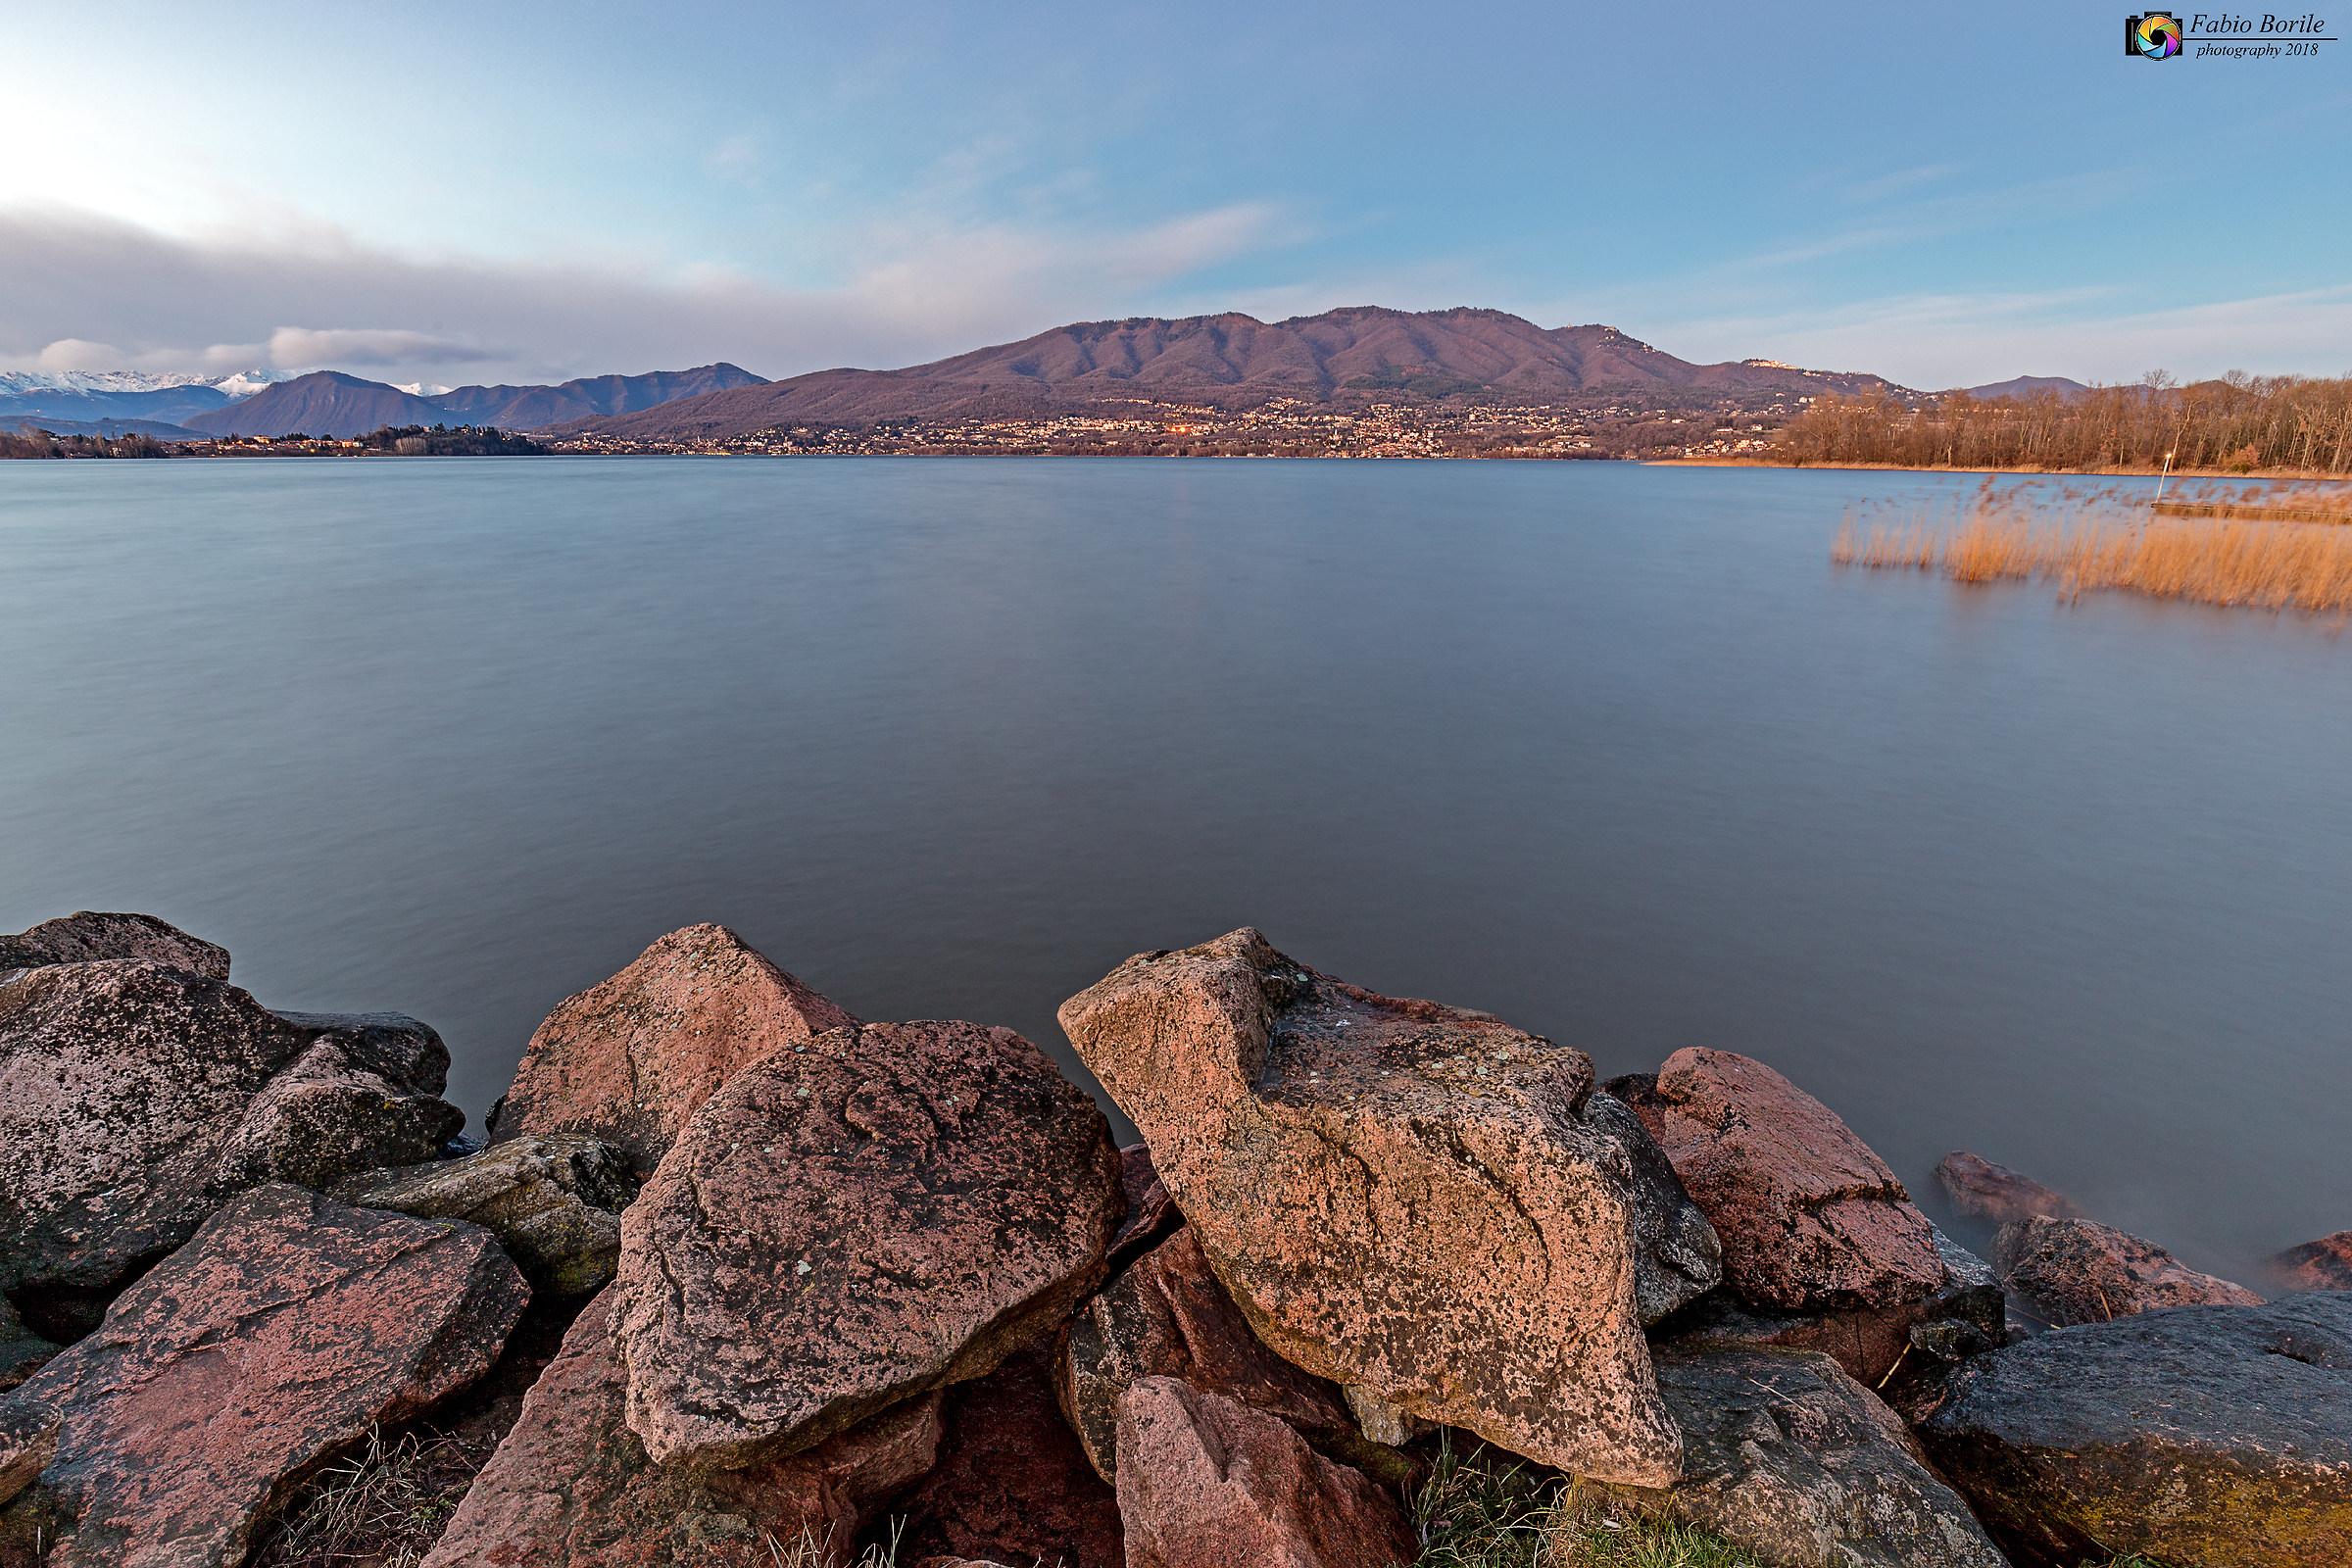 Lago di Varese da Cazzago Brabbia...